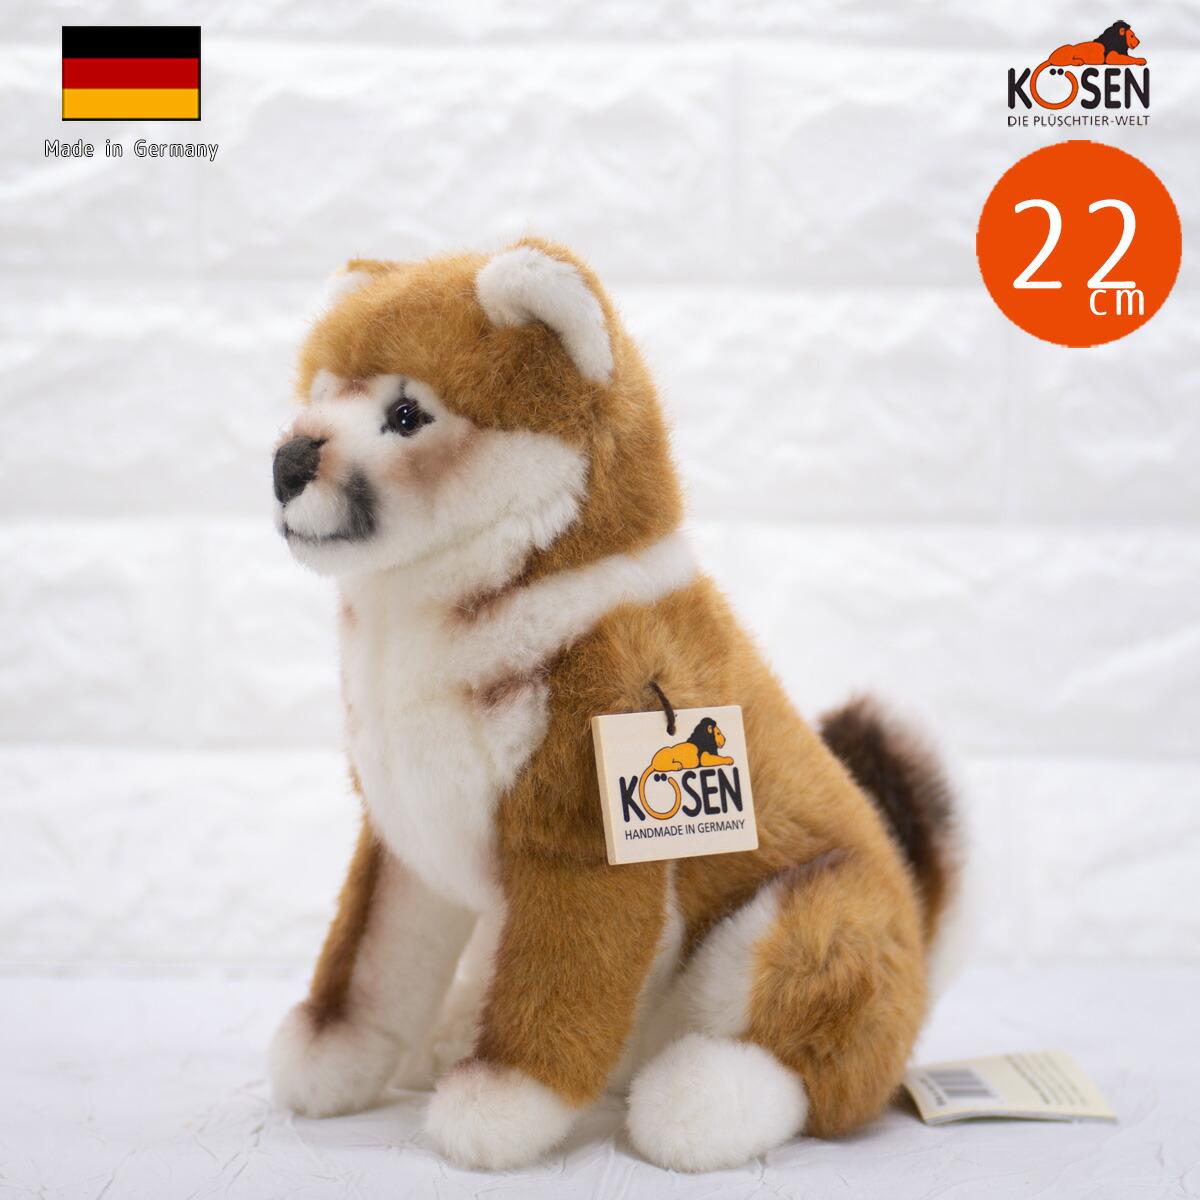 ケーセン ぬいぐるみ kosen 柴犬 子犬 座り 22cm Shiba Inu Puppy, sitting